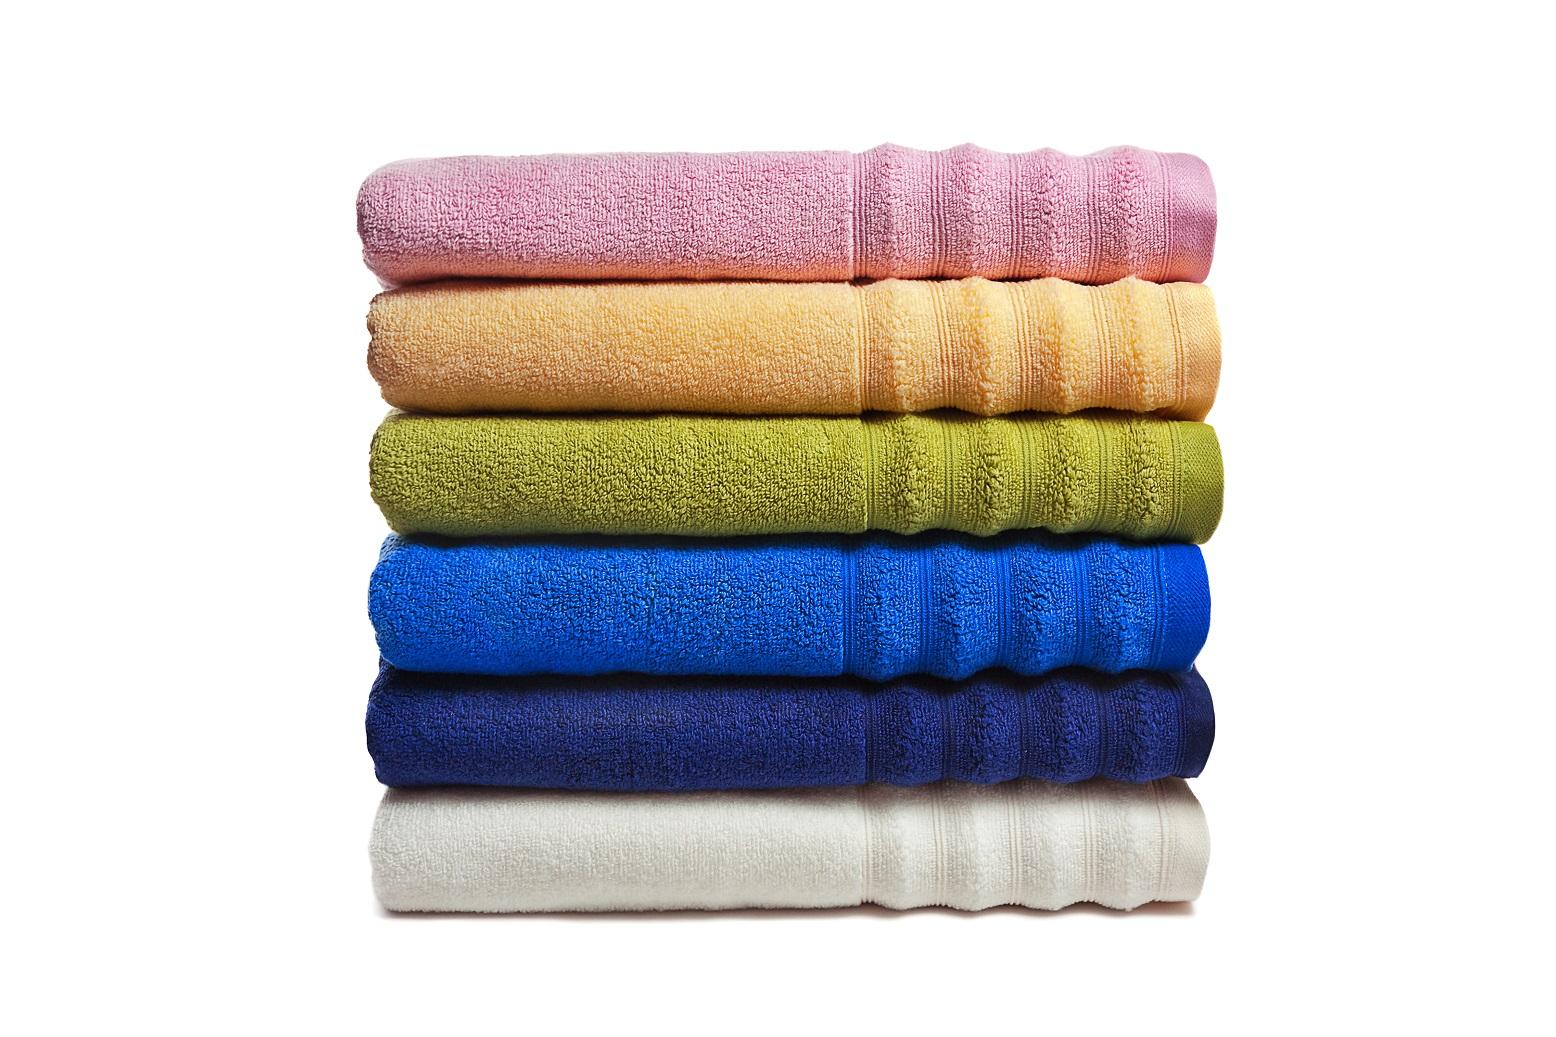 Towel - 5